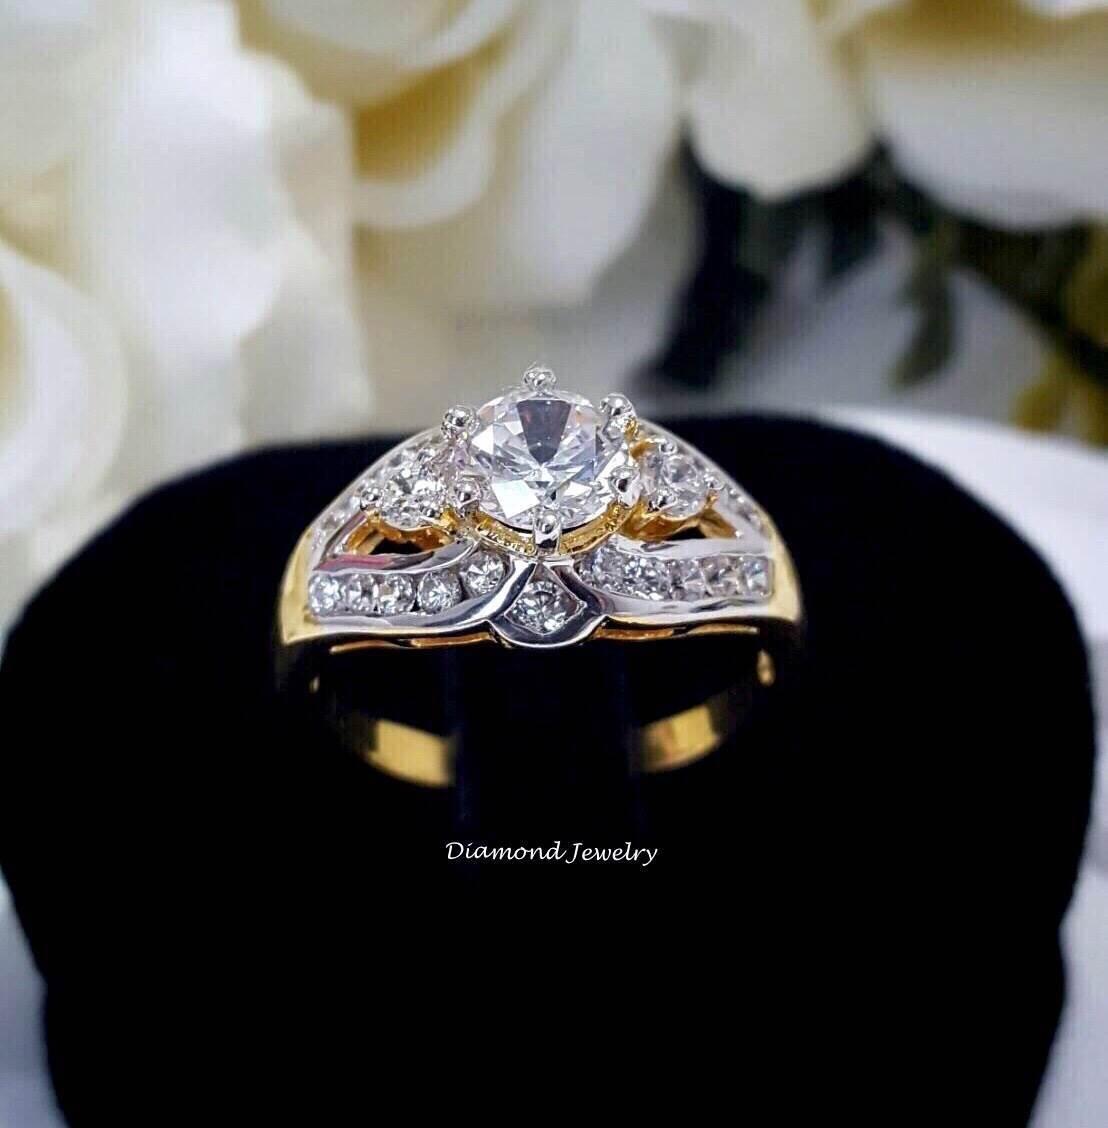 พร้อมส่ง Diamond Ring งานเพชรสวิส งานชุบ 5 ไมครอน